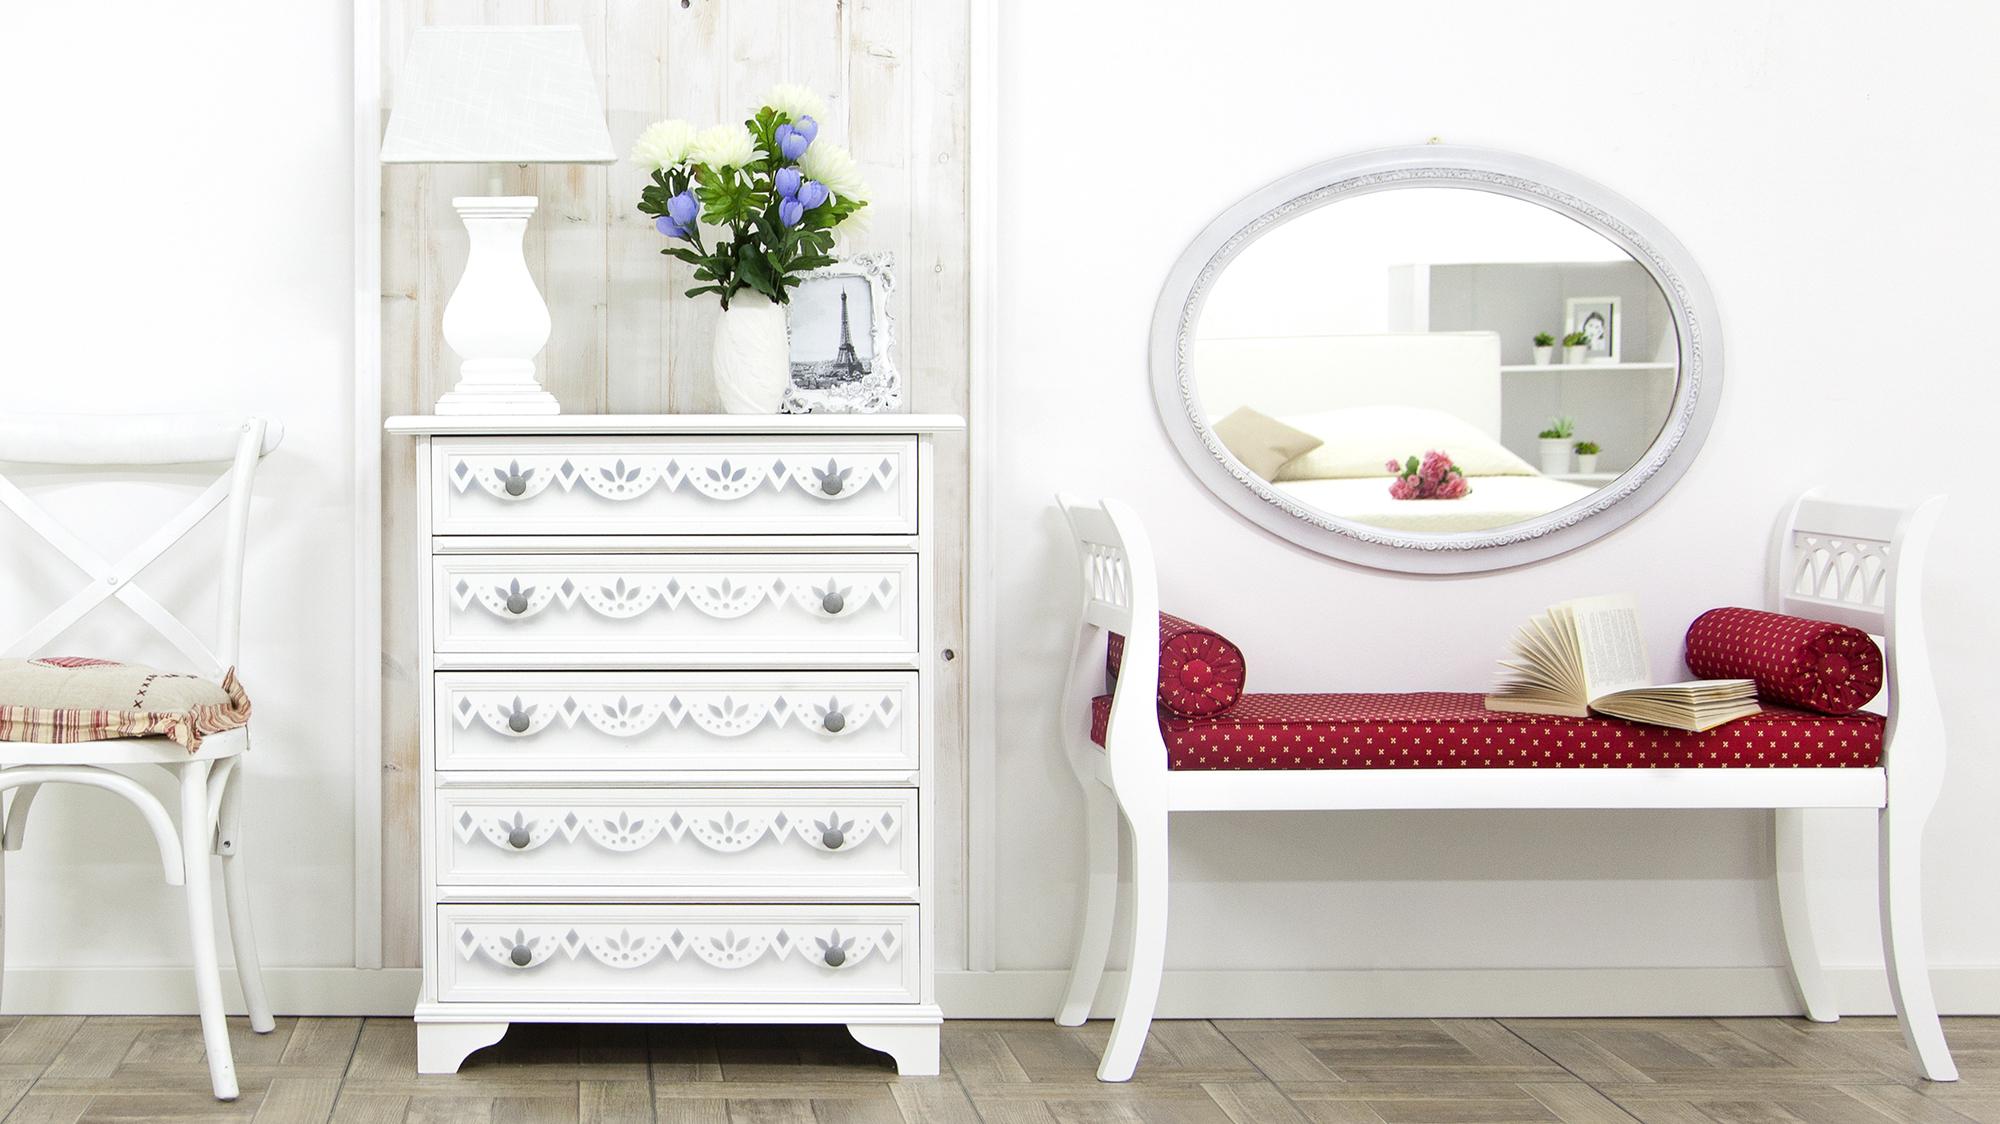 Specchio con cornice per riflessi chic e glamour dalani for Una cornice a casa libera